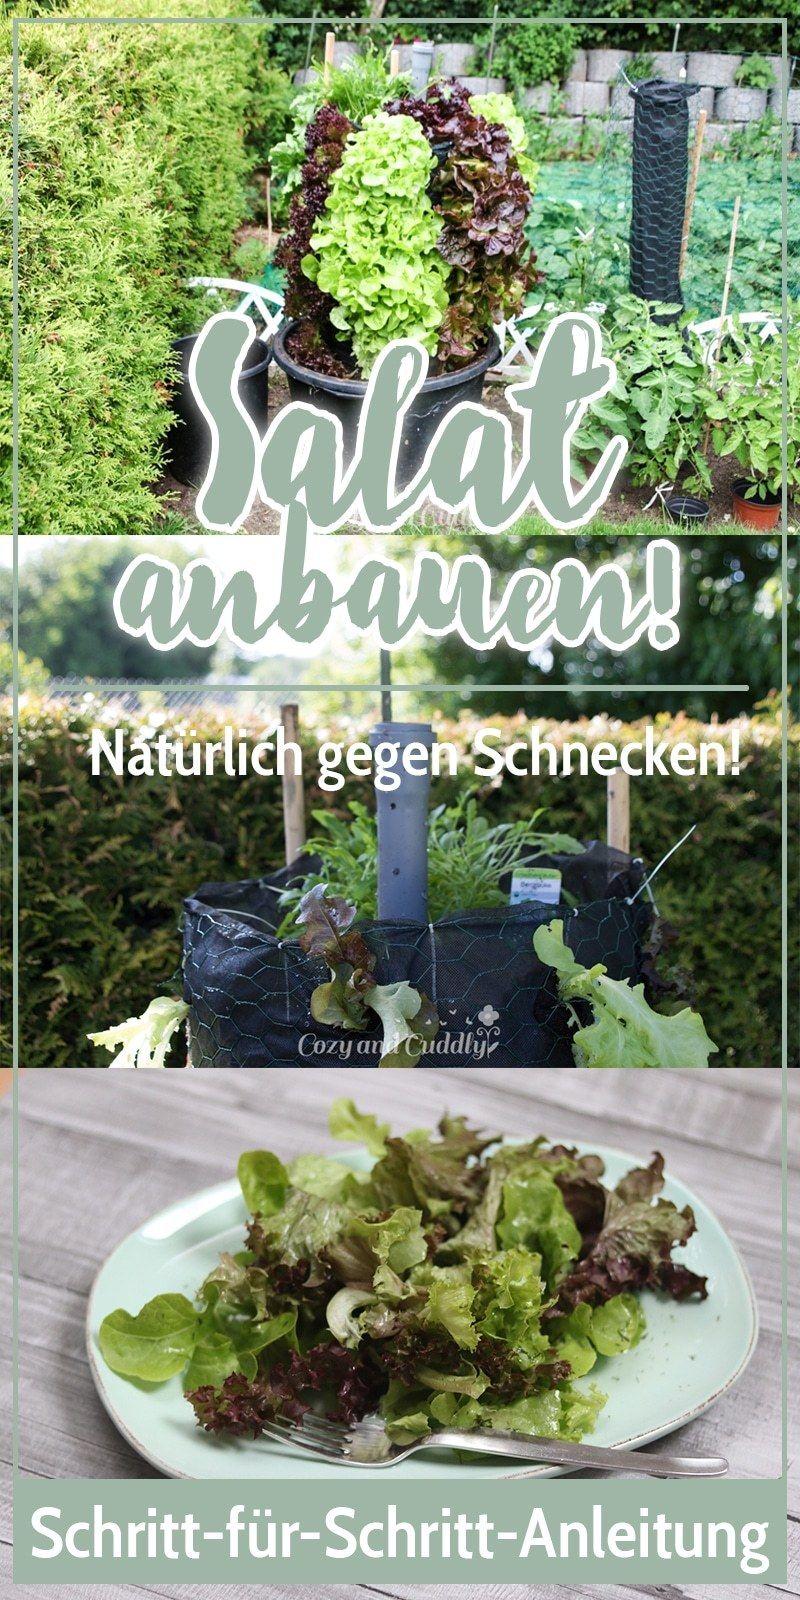 Salat Im Turm Anbauen. Perfekt Für Urban Gardening. Tipps Zur  Umweltfreundlichen Schneckenbekämpfung.